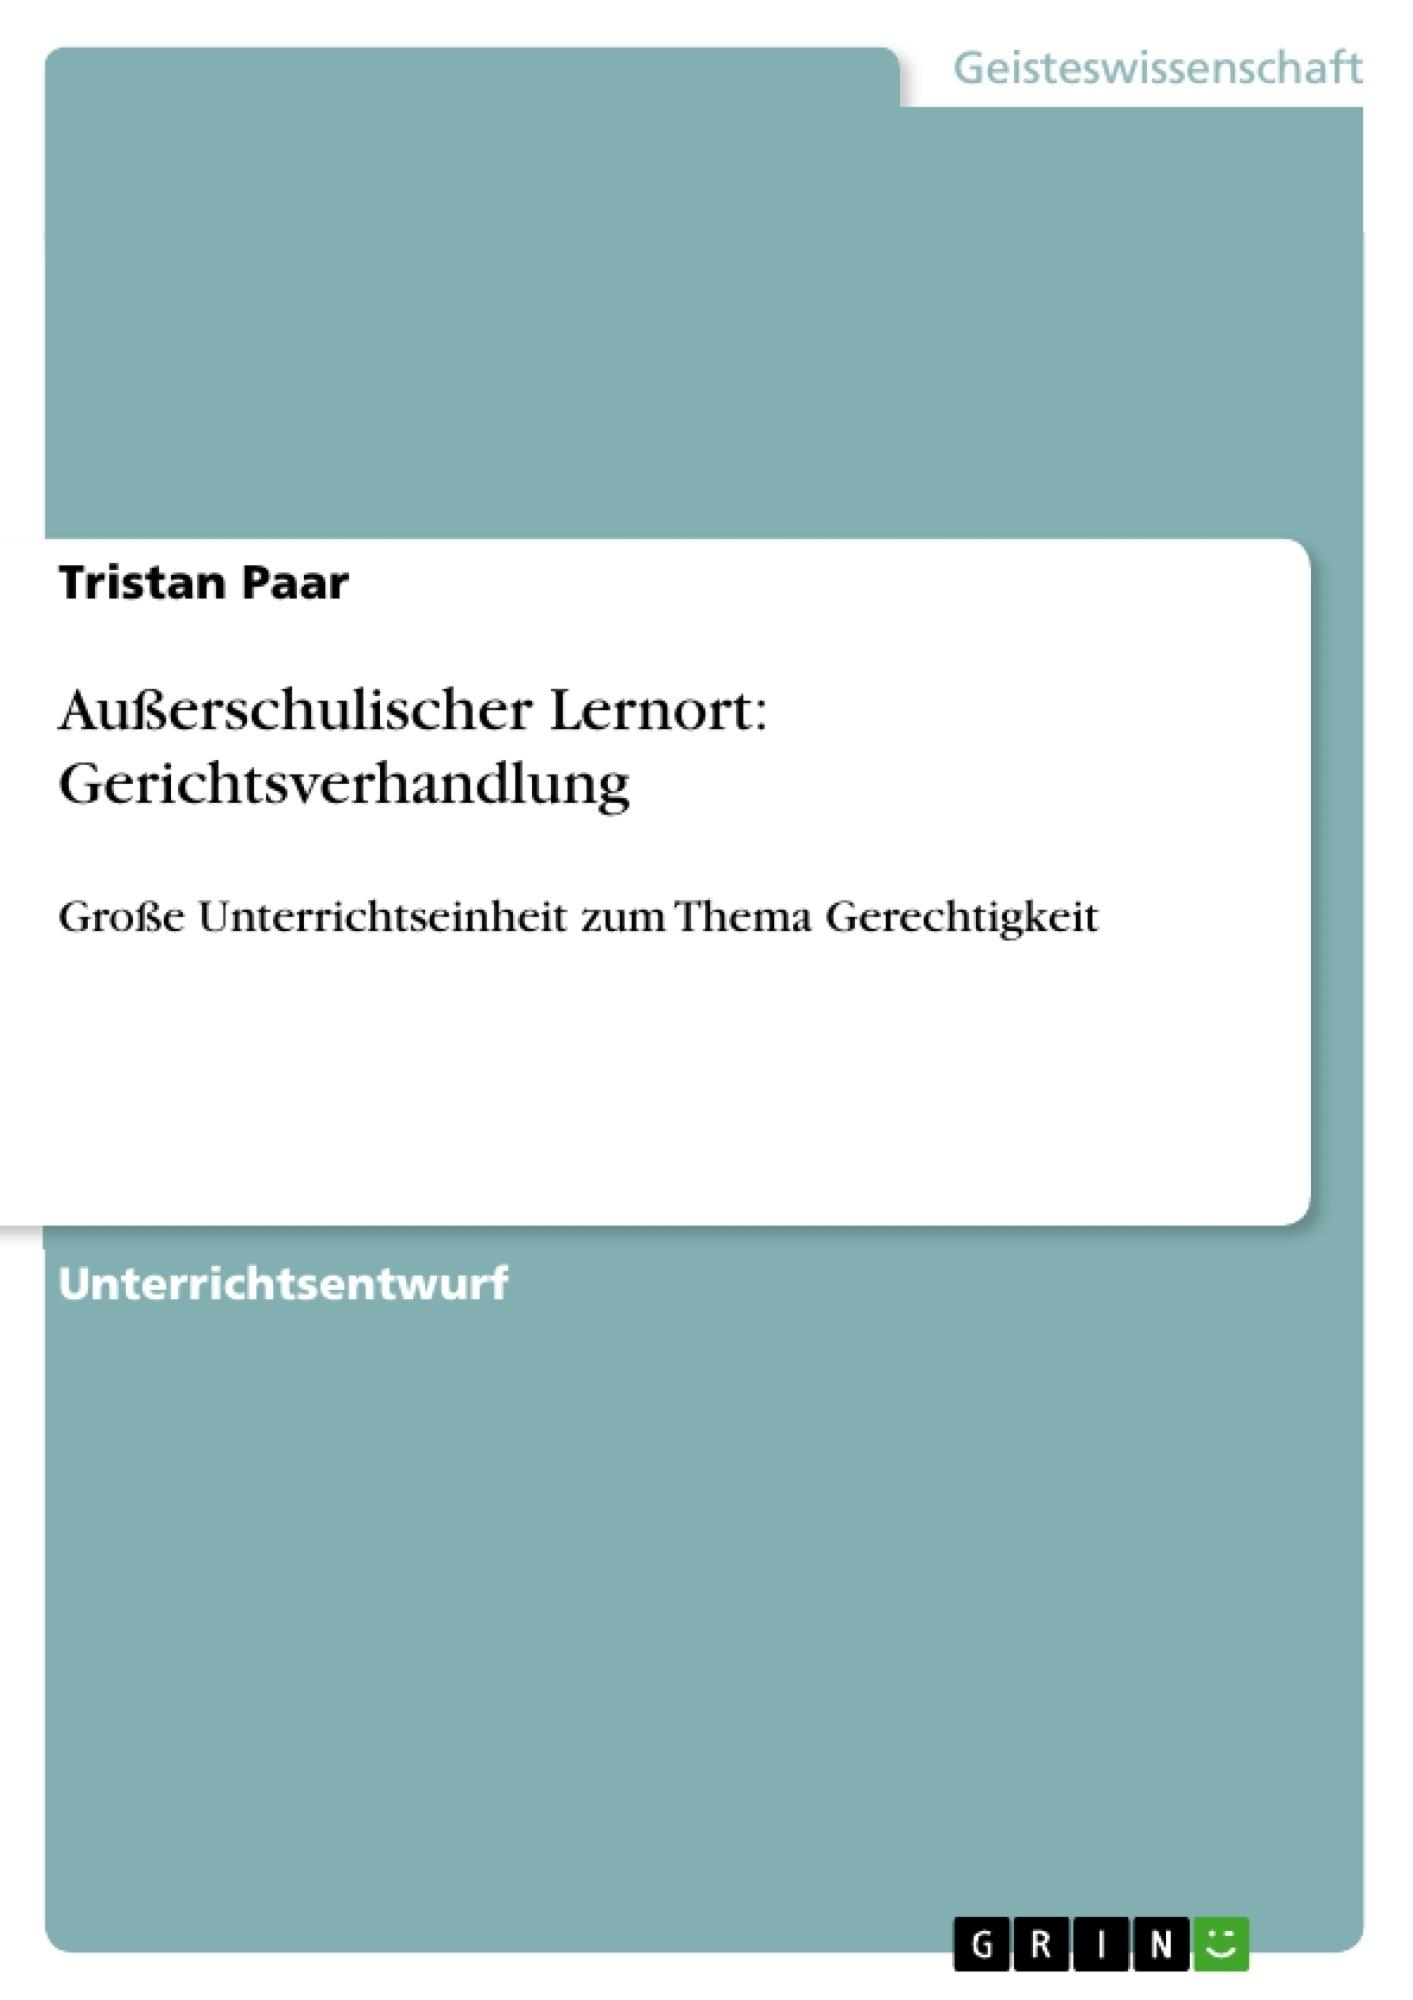 Titel: Außerschulischer Lernort: Gerichtsverhandlung